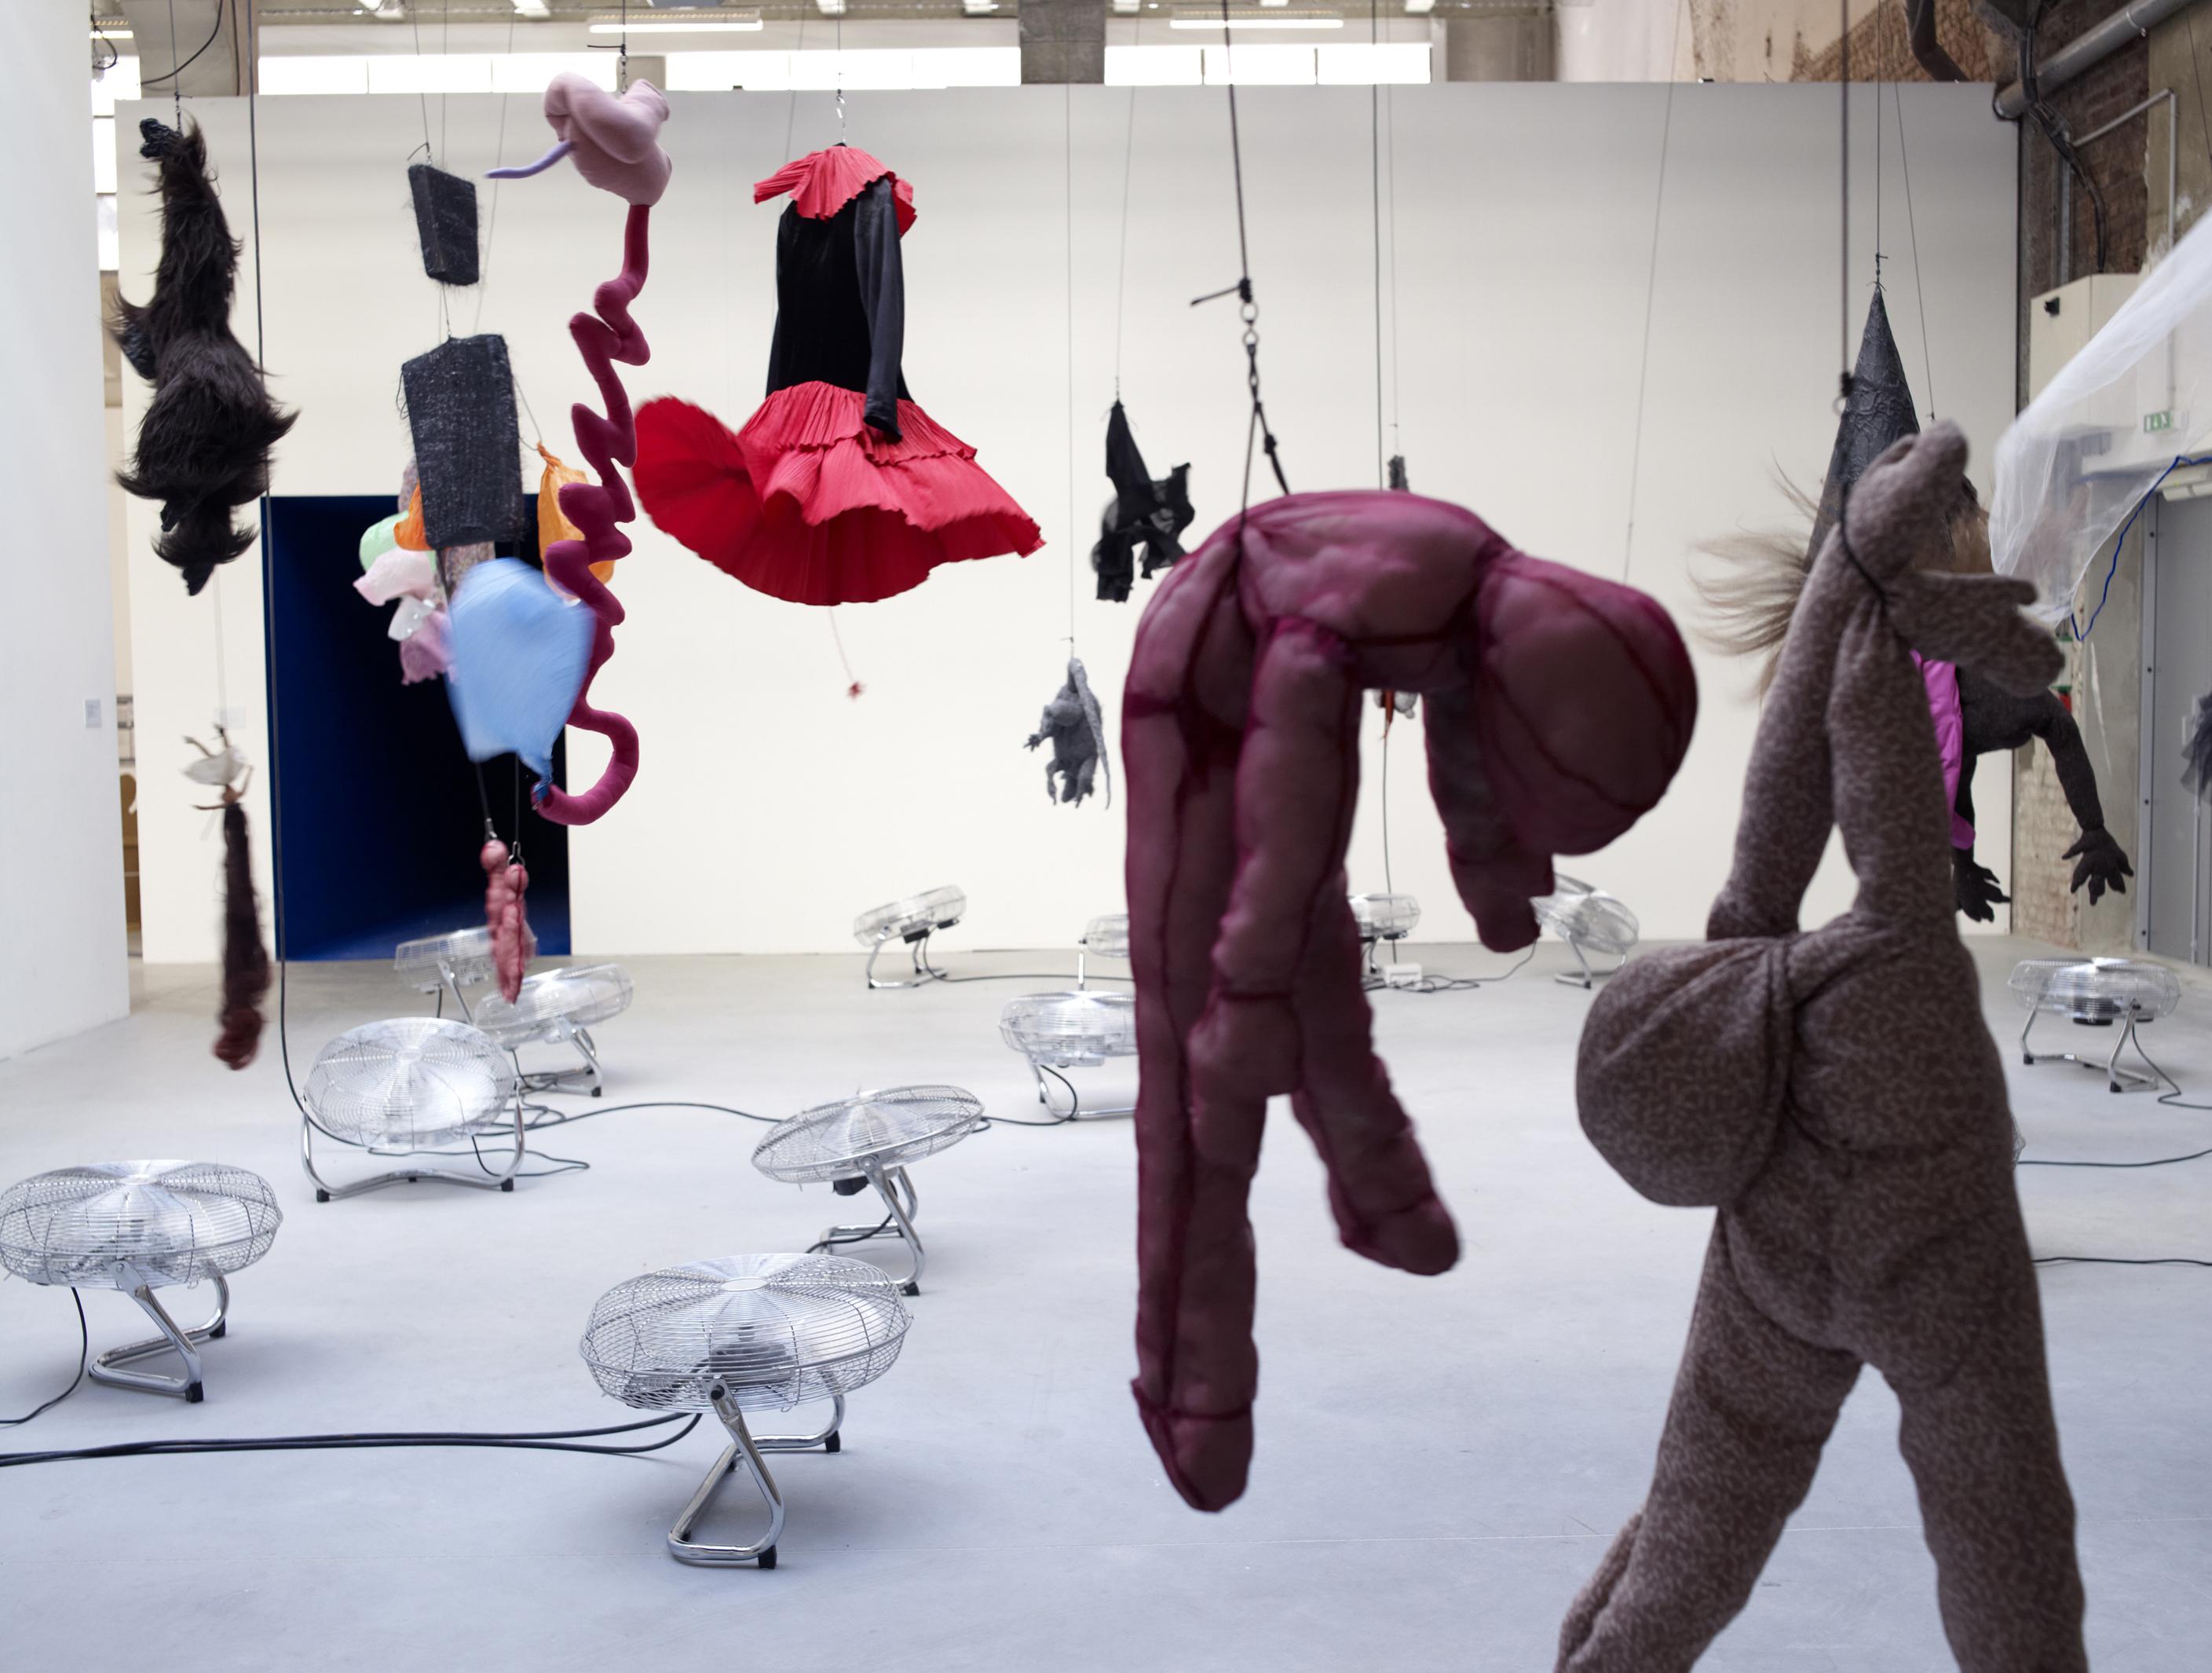 Musee d art moderne et contemporain de strasbourg voyage vers les continents noirs d annette - Sculptures modernes contemporaines ...